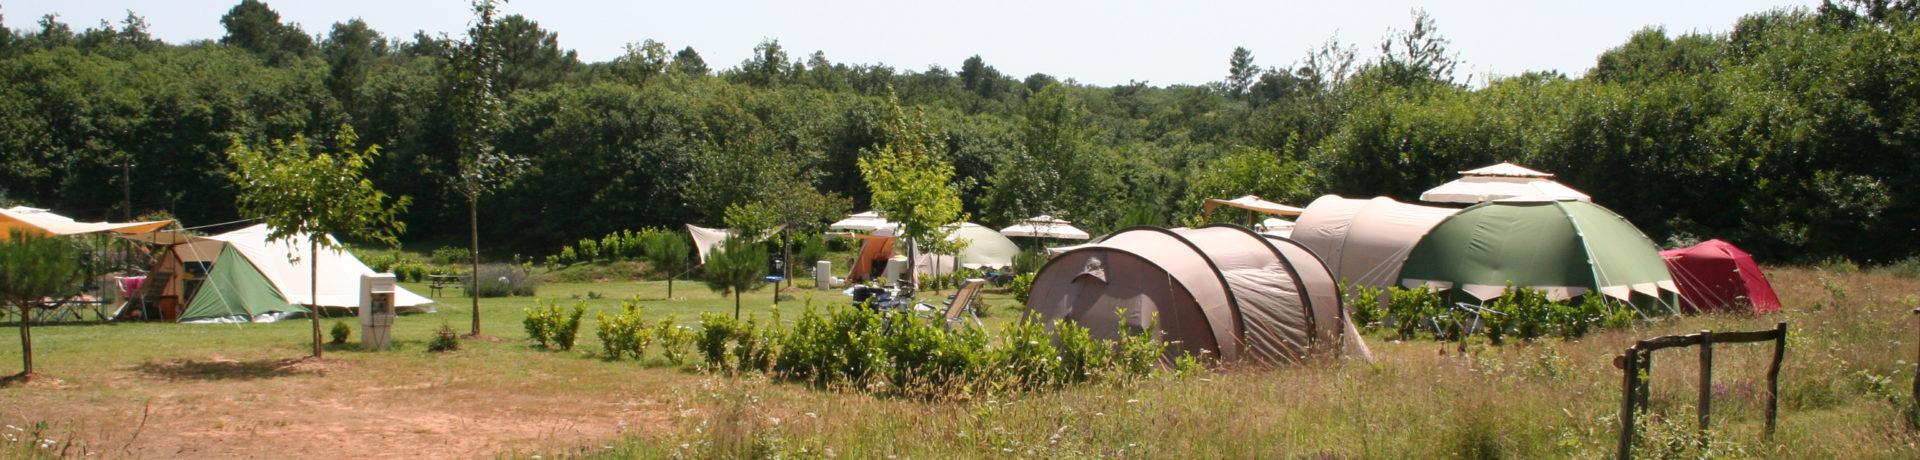 Rastaillou, Domaine de Vacances in Le Buisson-de-Cadouin is een sfeervol vakantiedomein in Frankrijk. Te midden van bijna 5 hectare grasland, omzoomd door bossen.